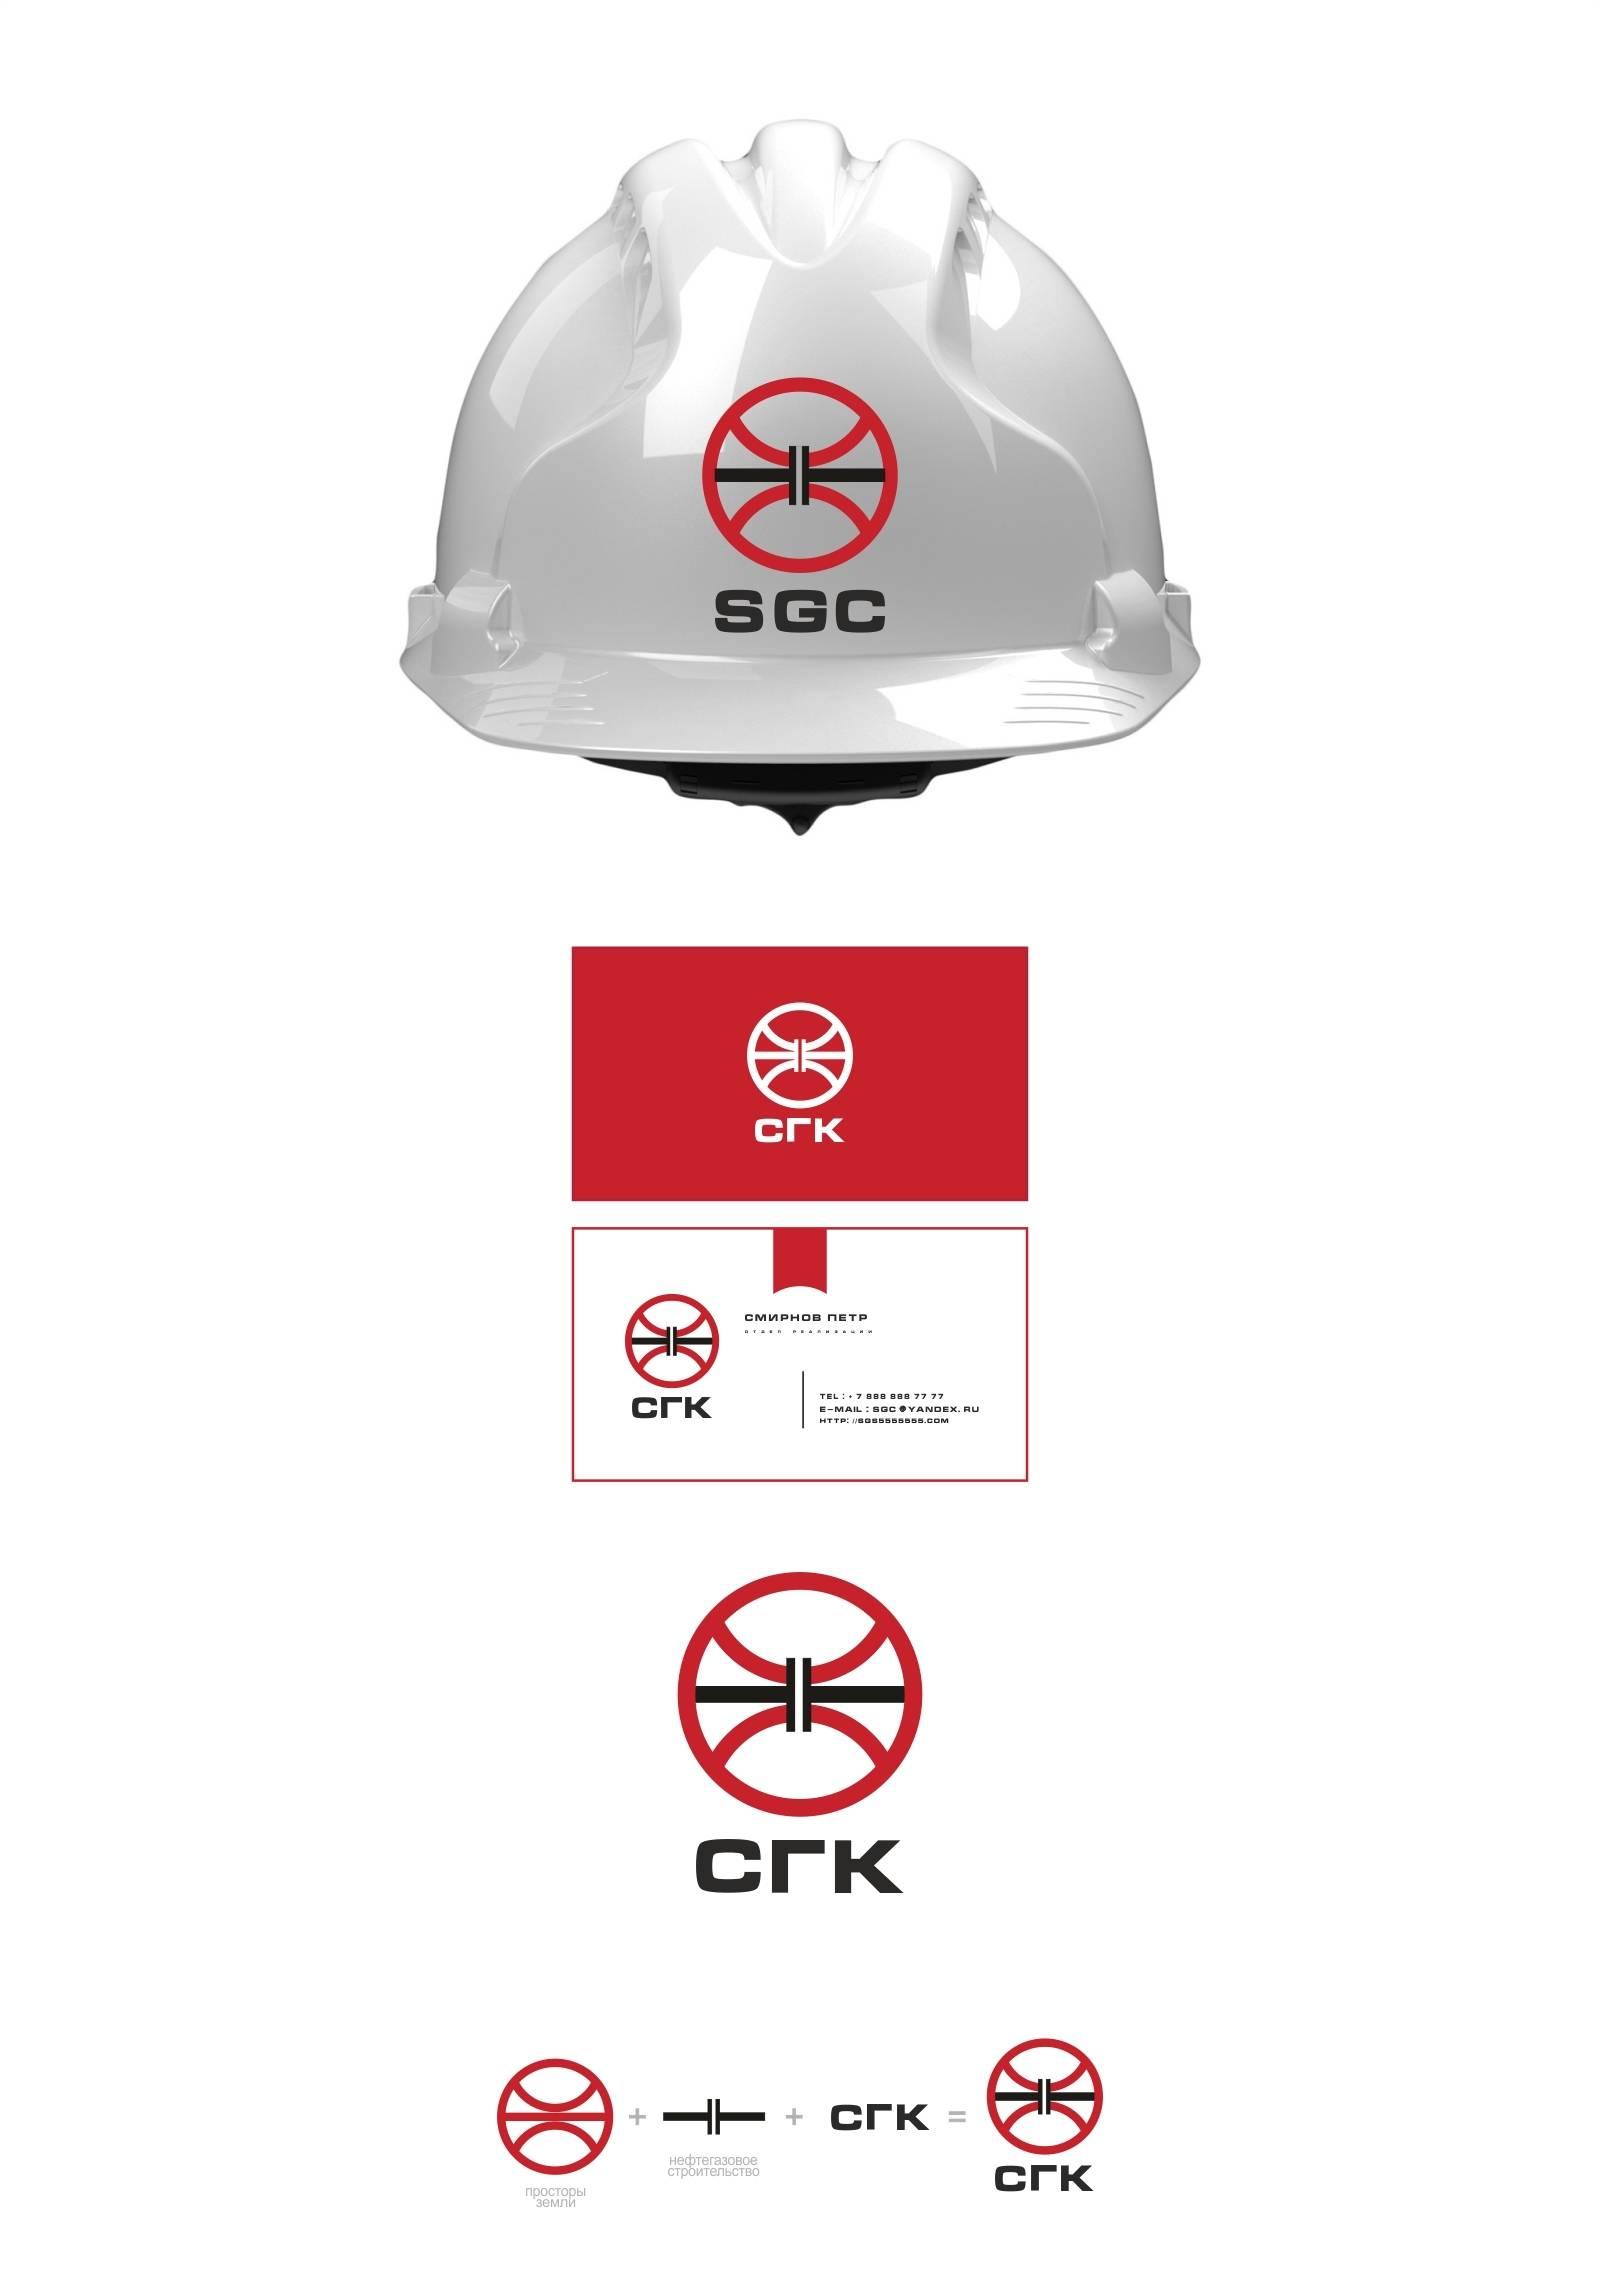 Логотип, и элементы стиля.